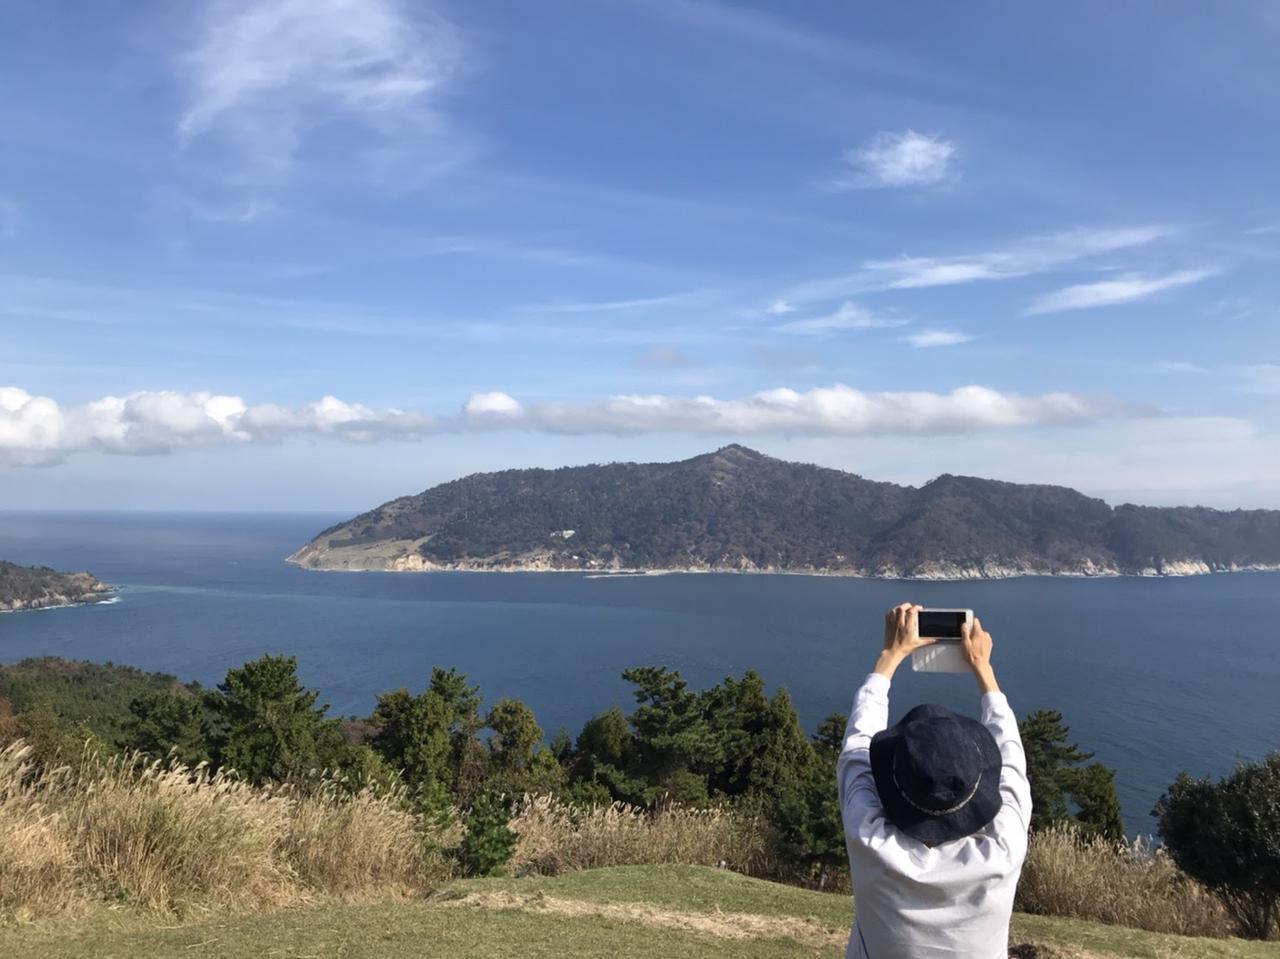 画像: 【おすすめキャンプ場49】金華山と海を望める!「おしか家族旅行村オートキャンプ場」で快適キャンプ - ハピキャン(HAPPY CAMPER)